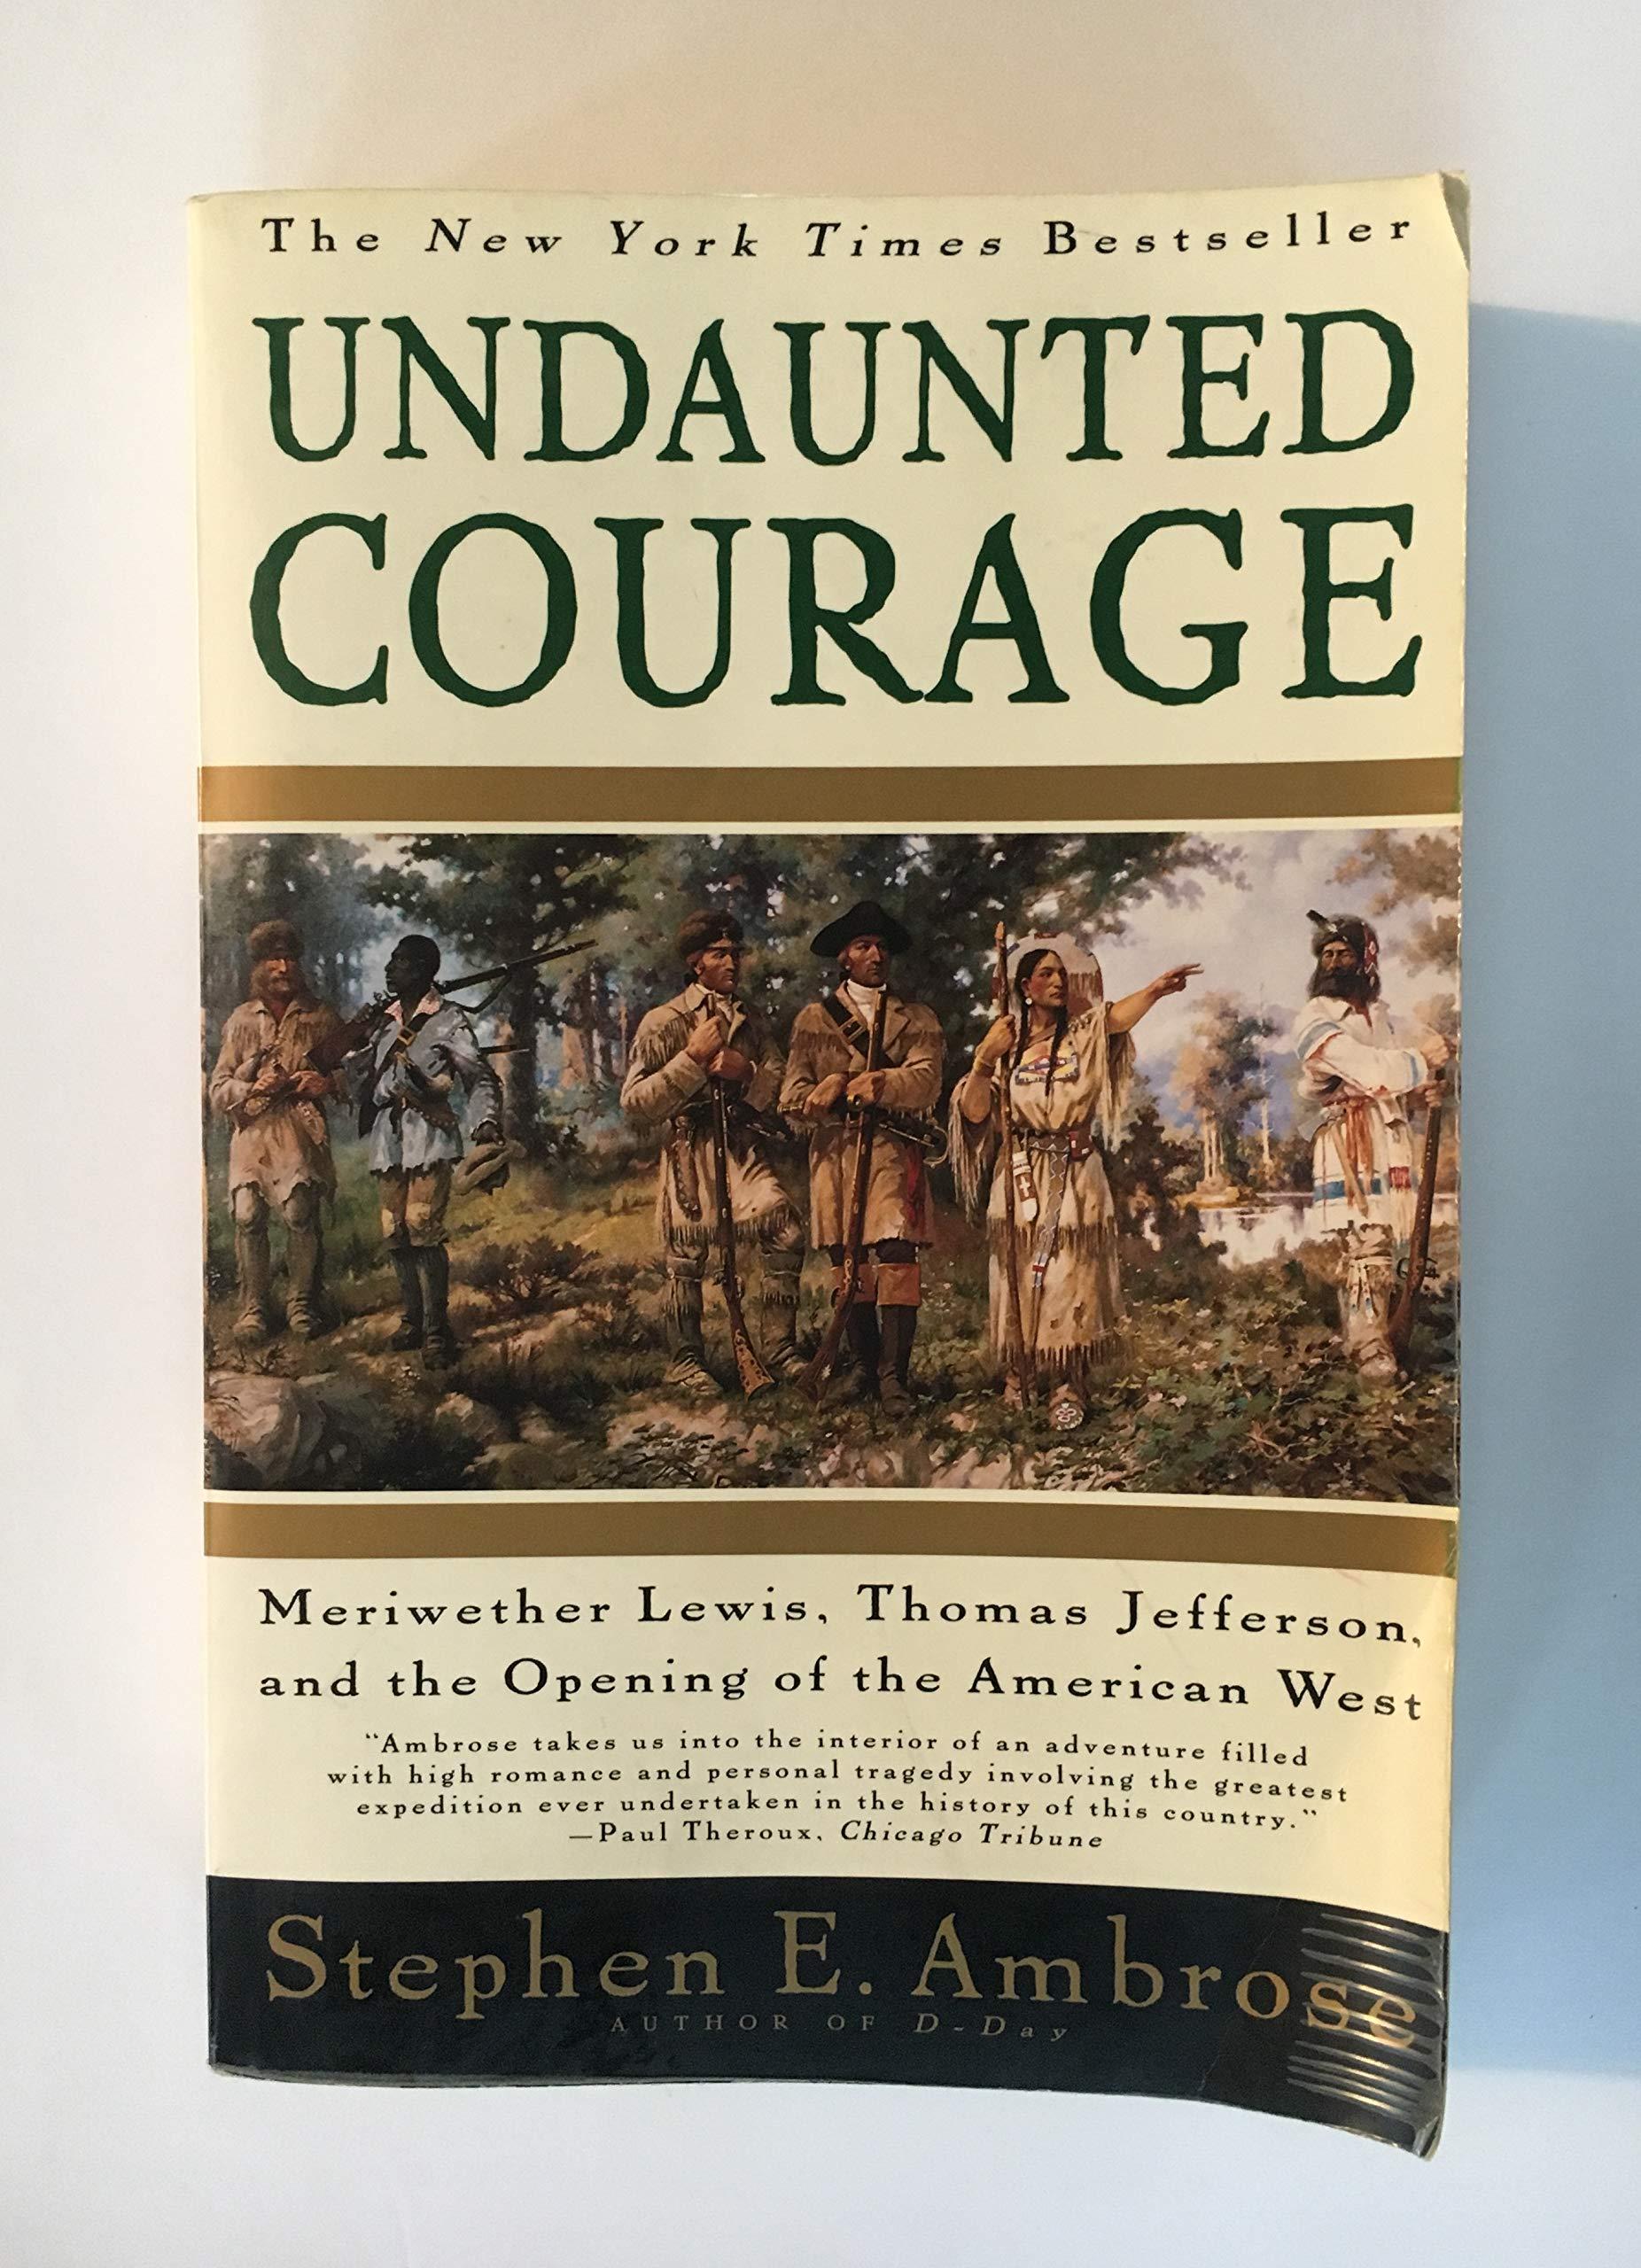 undaunted courage summary